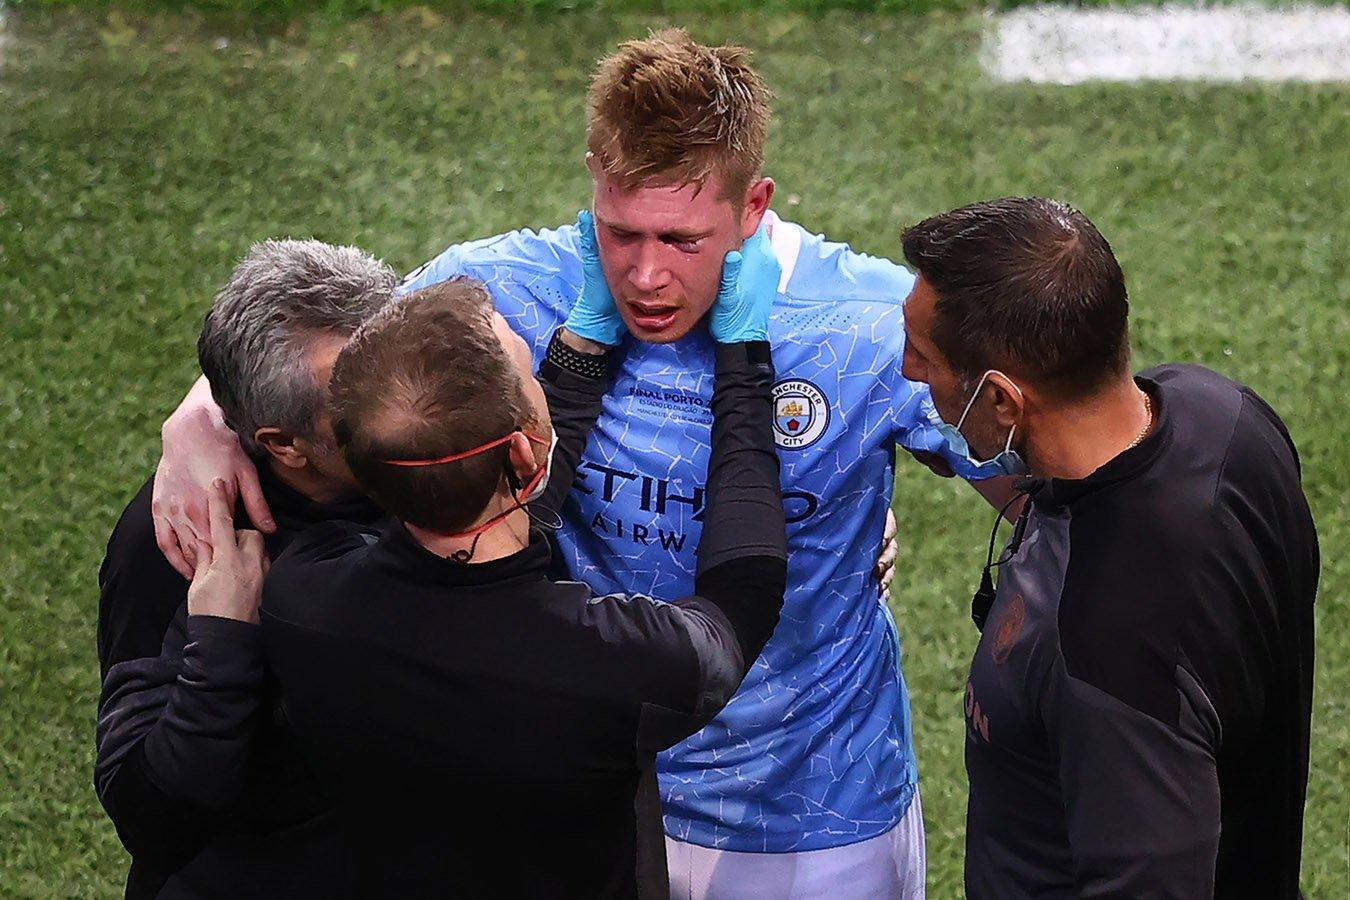 Кевин Де Брёйне получил травму в финале Лиги чемпионов и покинул поле в слезах